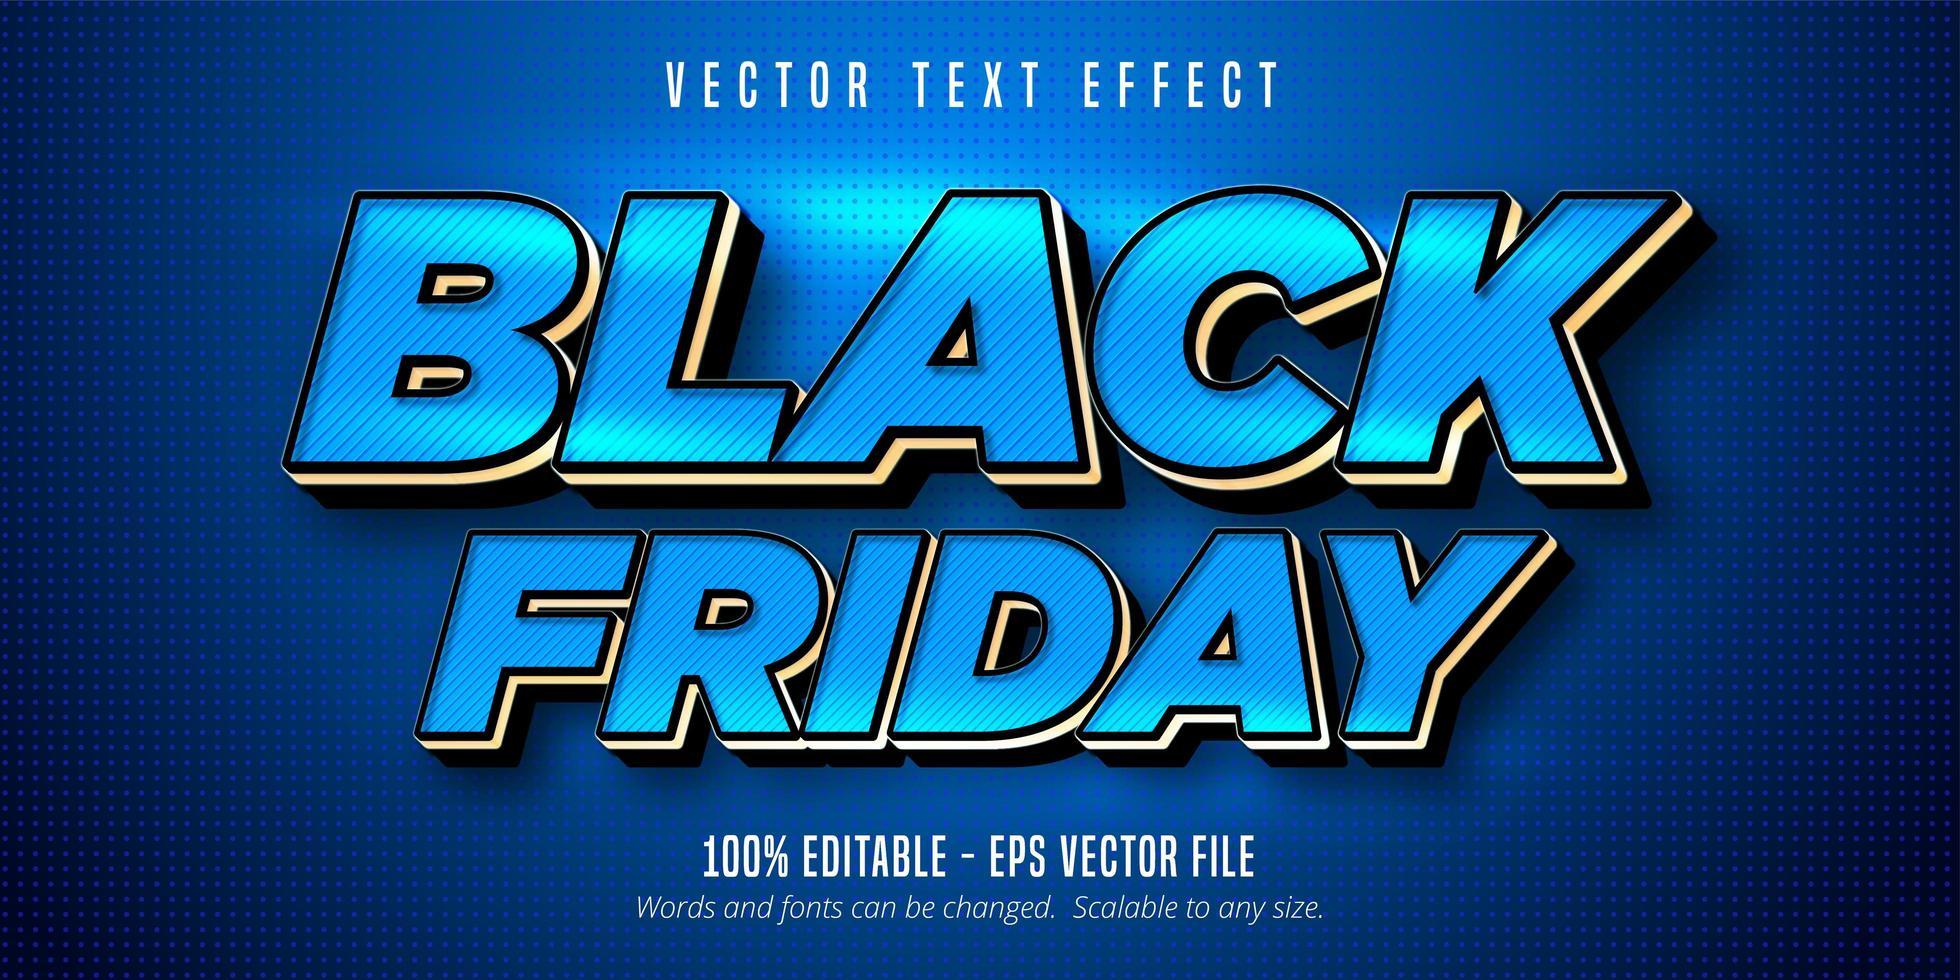 effetto di testo modificabile venerdì nero a strisce blu vettore